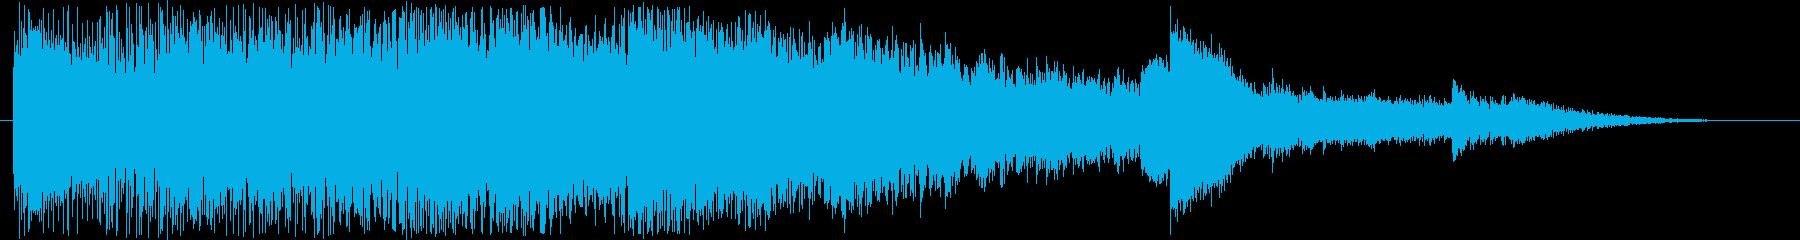 ジングル1 / ピアノ / サウンドロゴの再生済みの波形